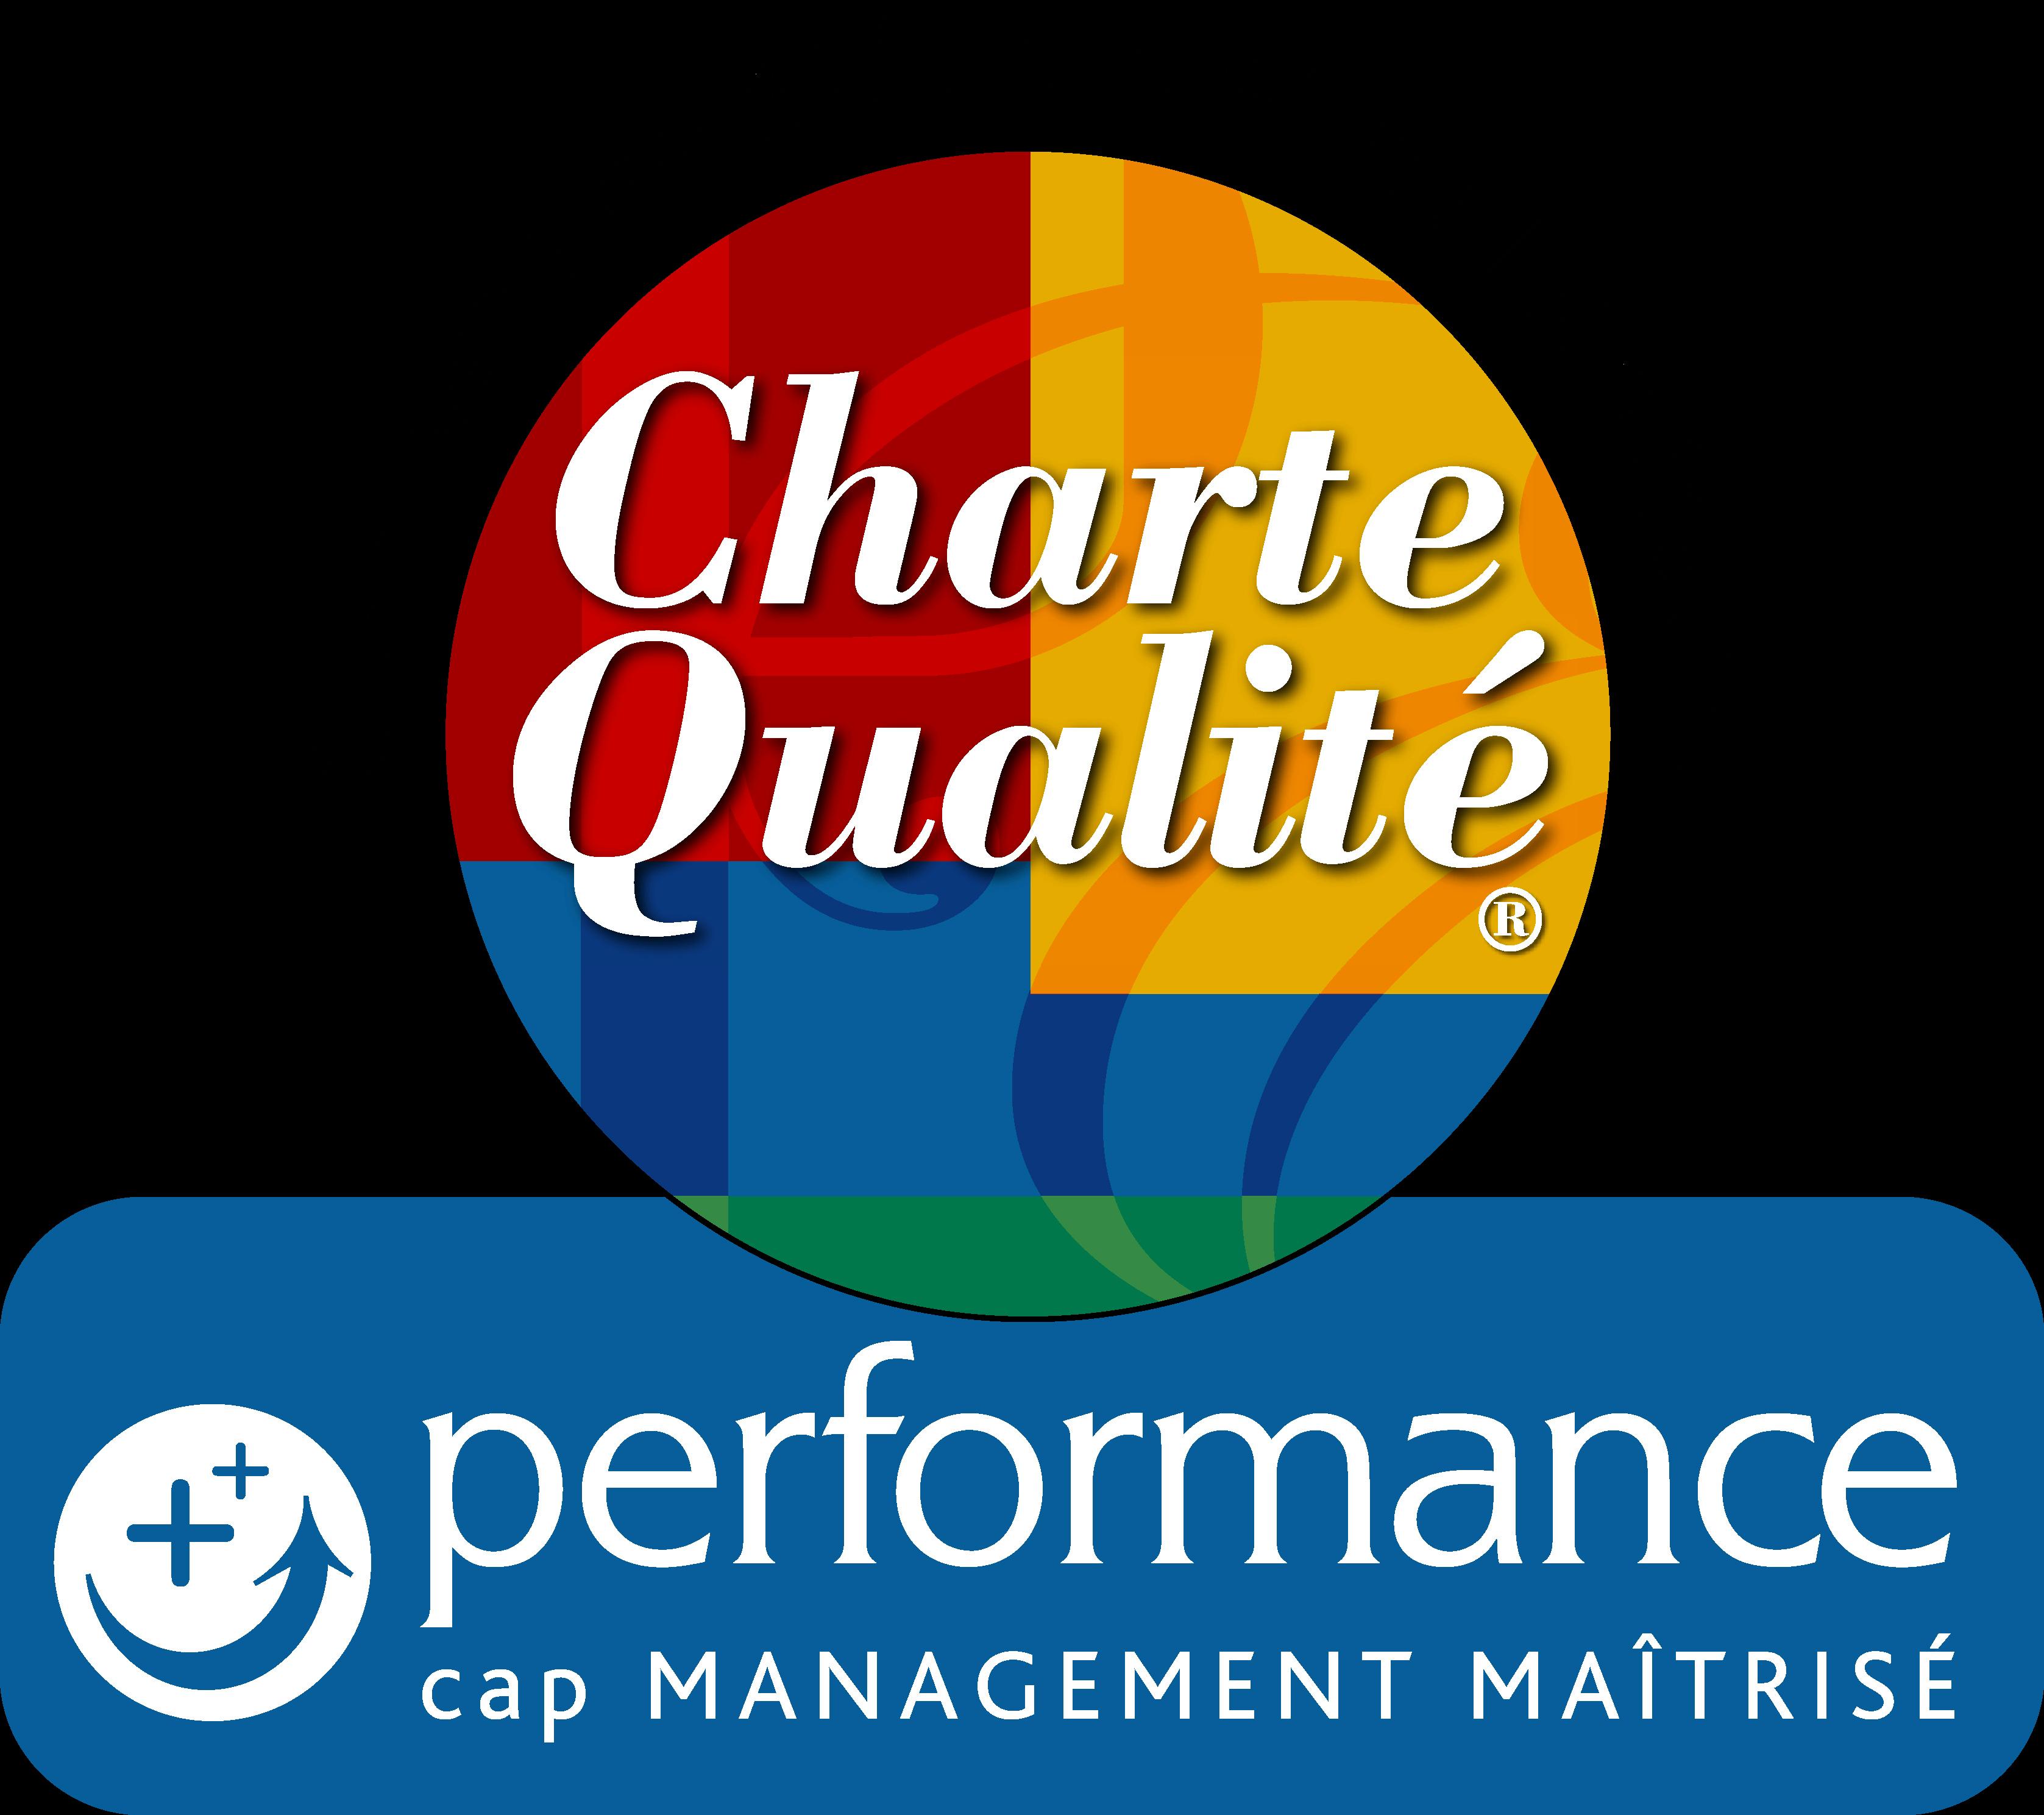 Obtention d'une charte qualité par la Chambre des Métiers et de l'Artisanat